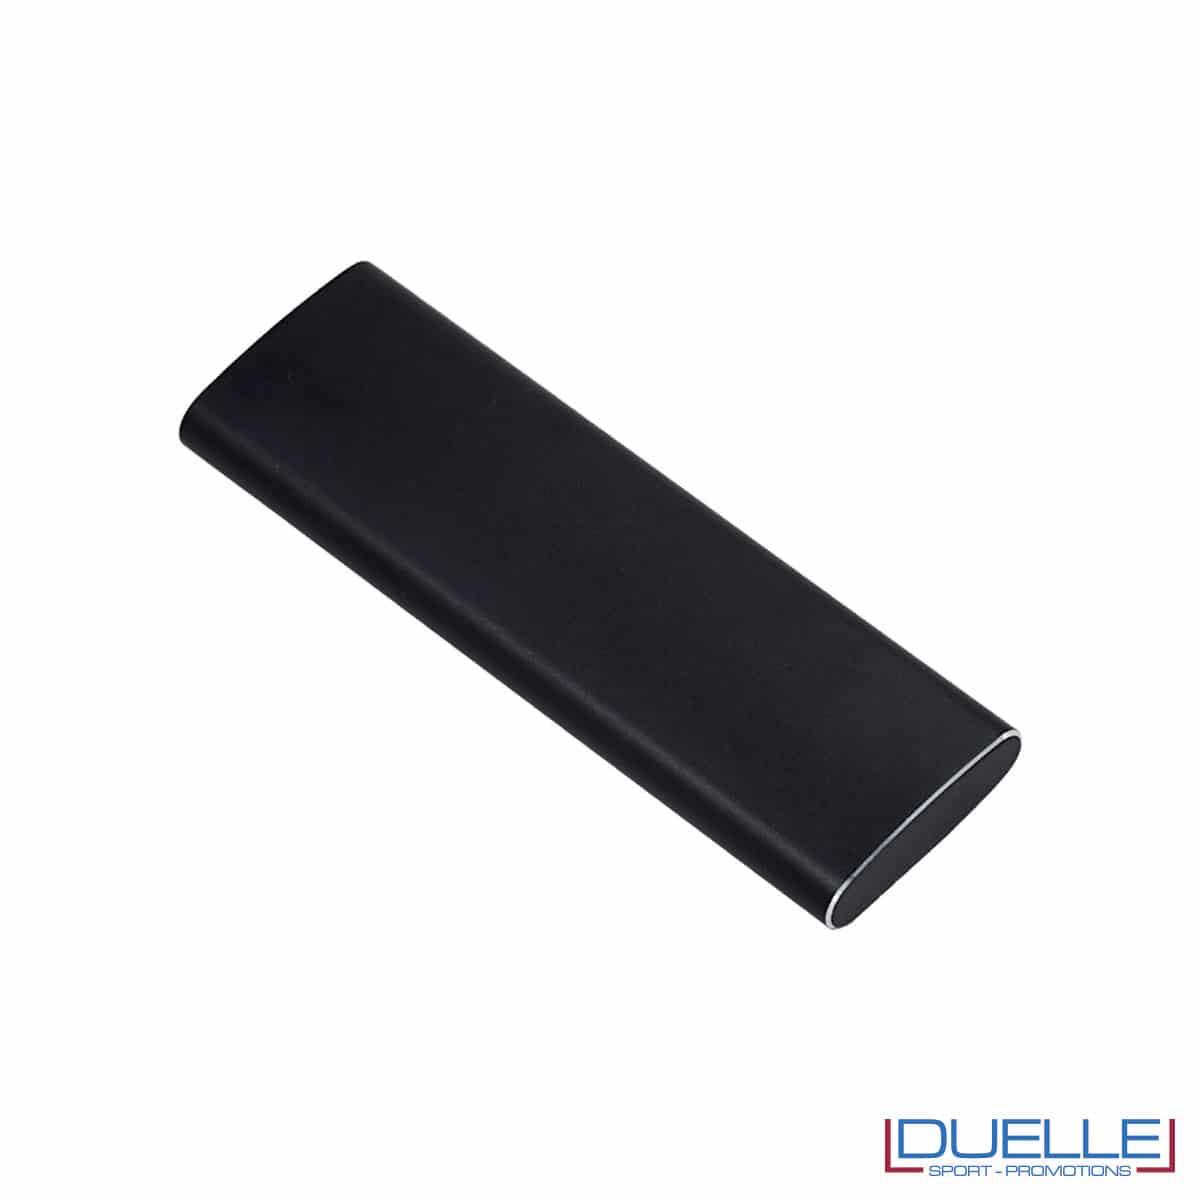 Unità SSD per PC e Mac promozionale